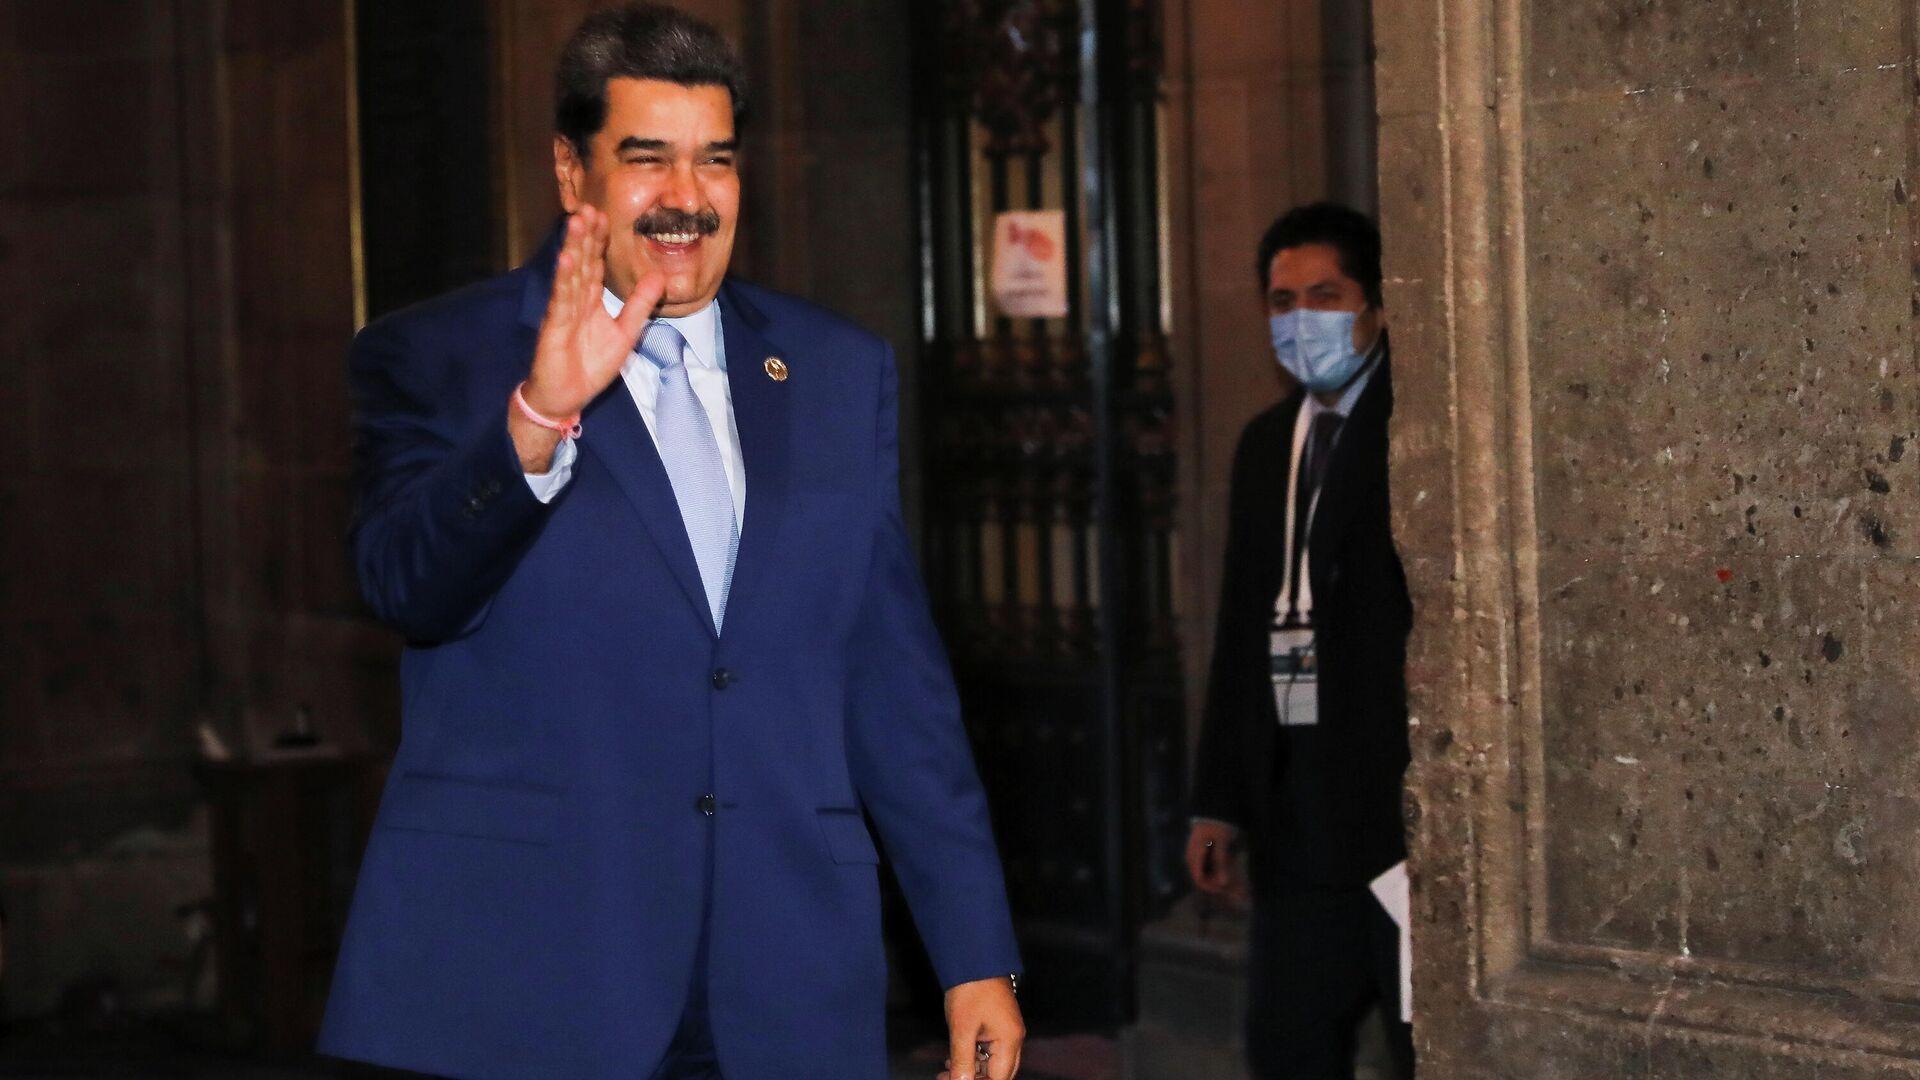 El presidente de Venezuela, Nicolás Maduro, en la VI Cumbre de la Comunidad de Estados Latinoamericanos y Caribeños (CELAC), Ciudad de México, México, 18 de septiembre de 2021 - Sputnik Mundo, 1920, 18.09.2021